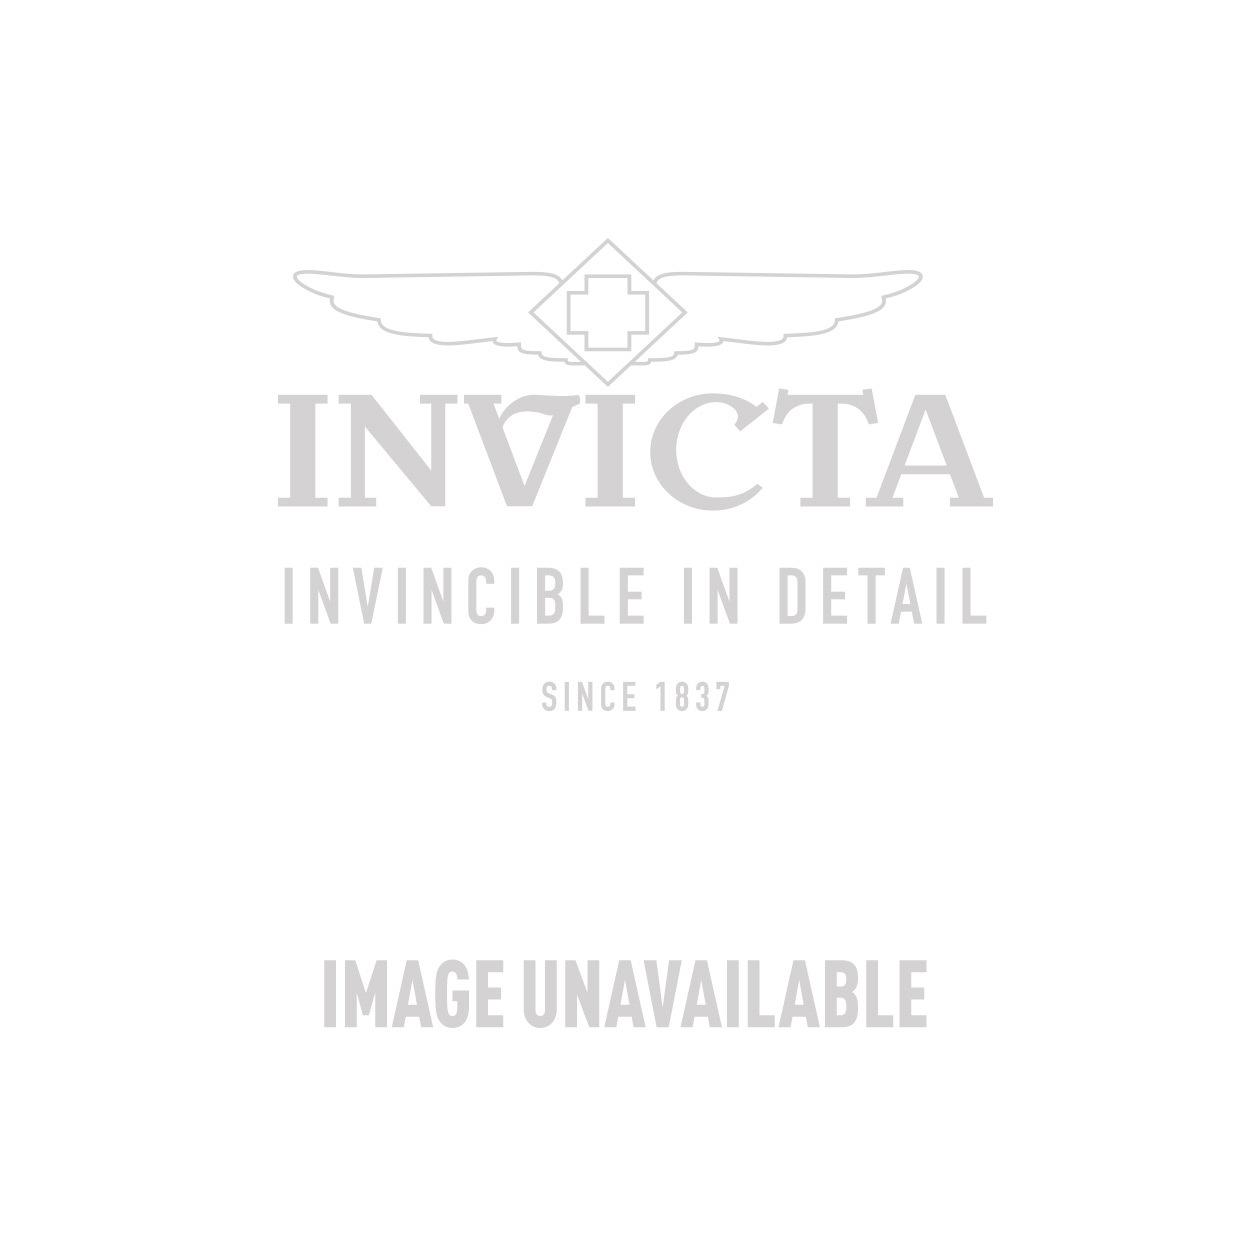 Invicta Corduba Quartz Watch - Gunmetal case with Brown tone Leather band - Model 18993